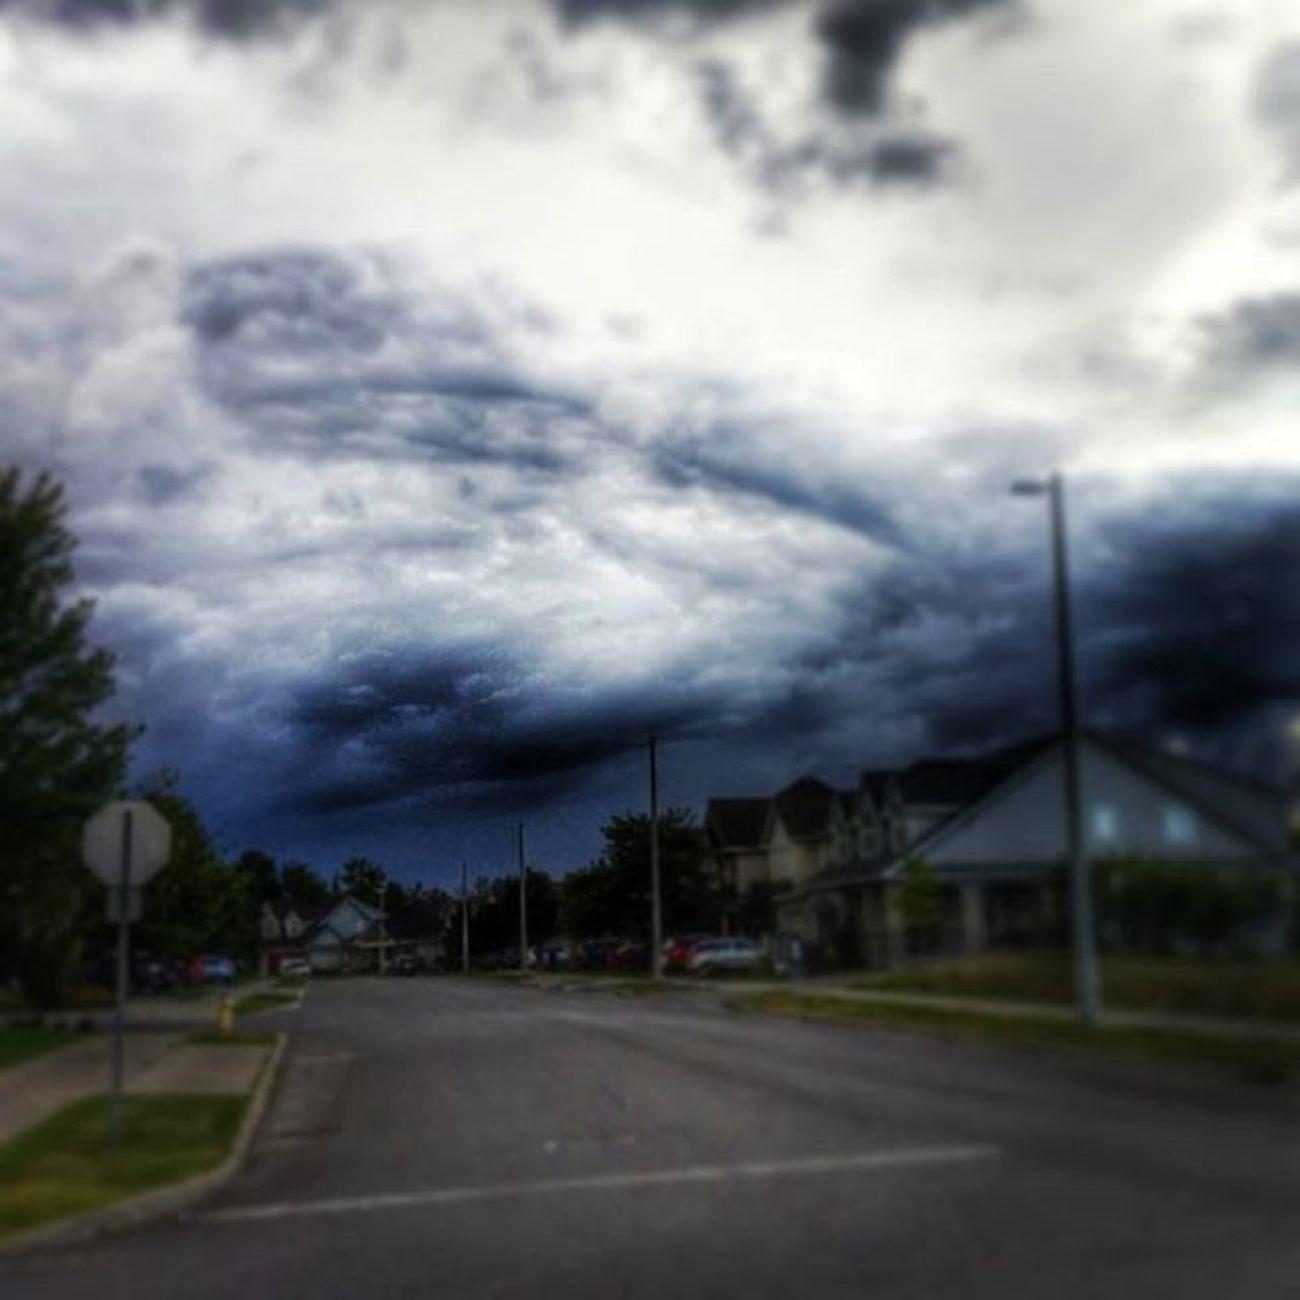 Storm Ottawa Citythatfunforgot